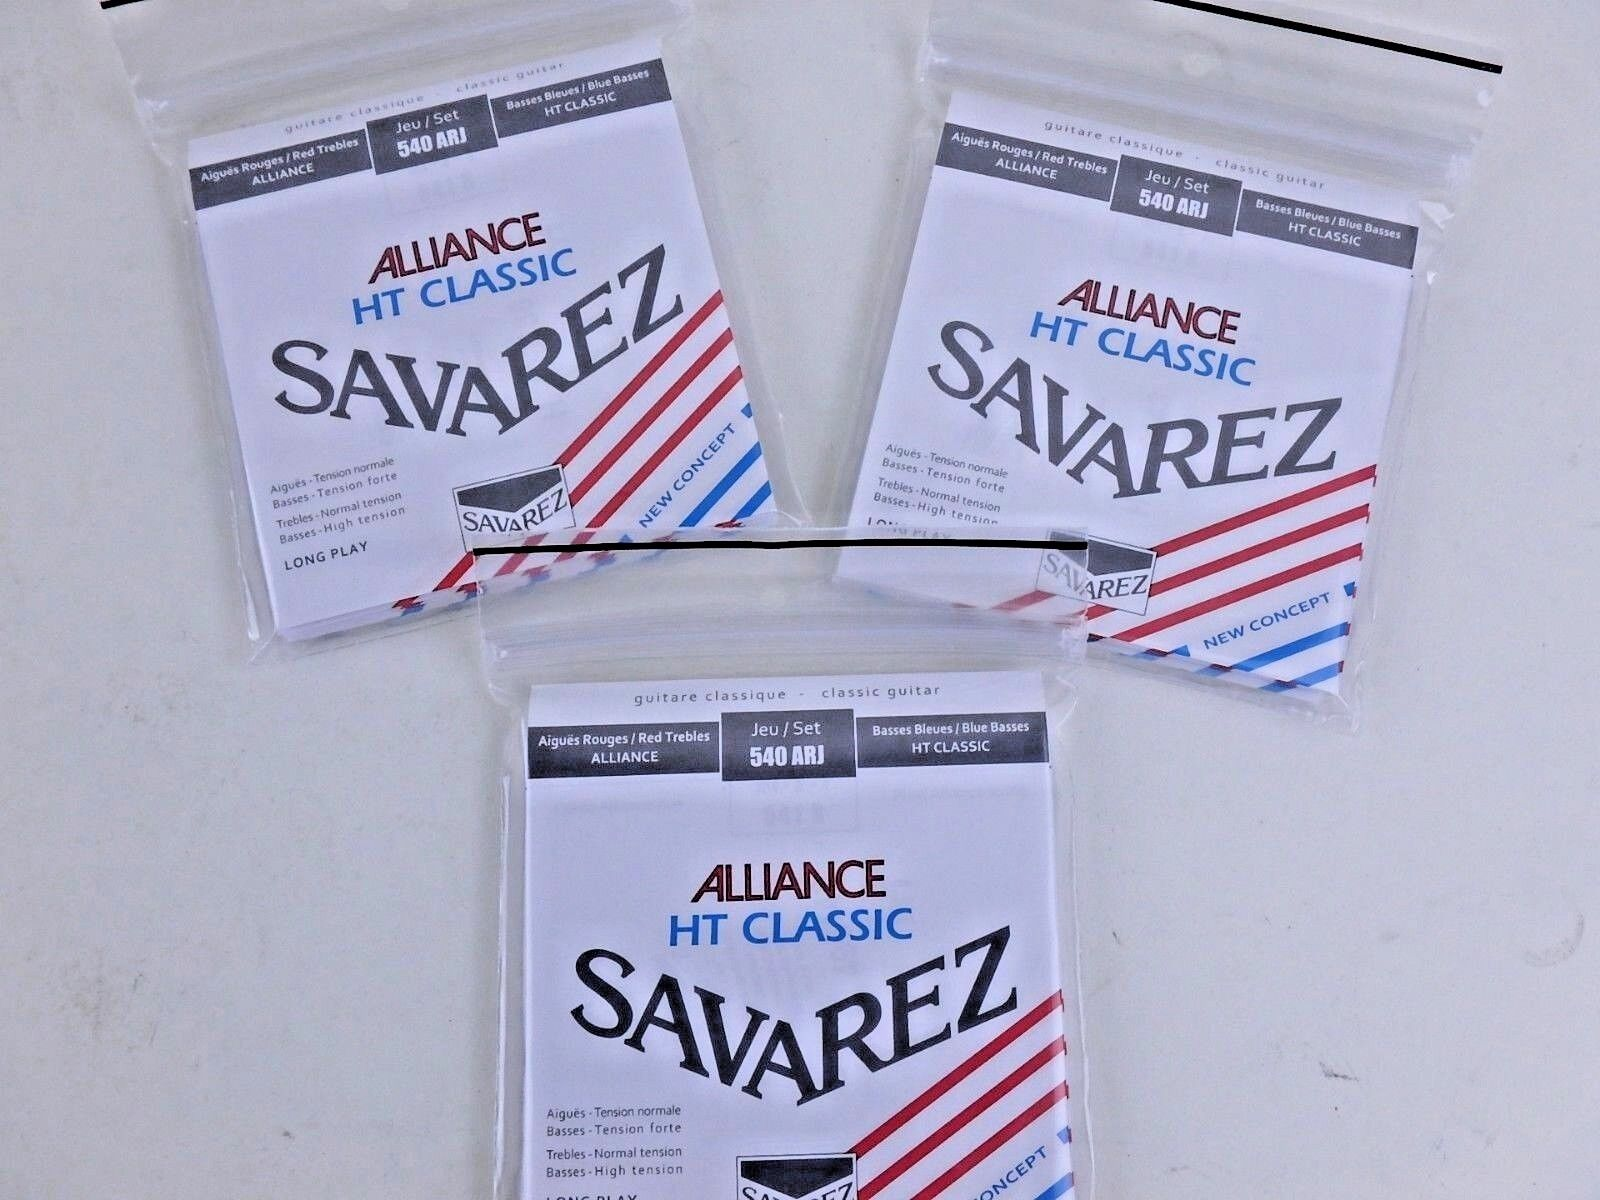 3 conjuntos  SAVAREZ Alianza de cuerdas para para para guitarra 540ARJ  tensión mixta  los nuevos estilos calientes